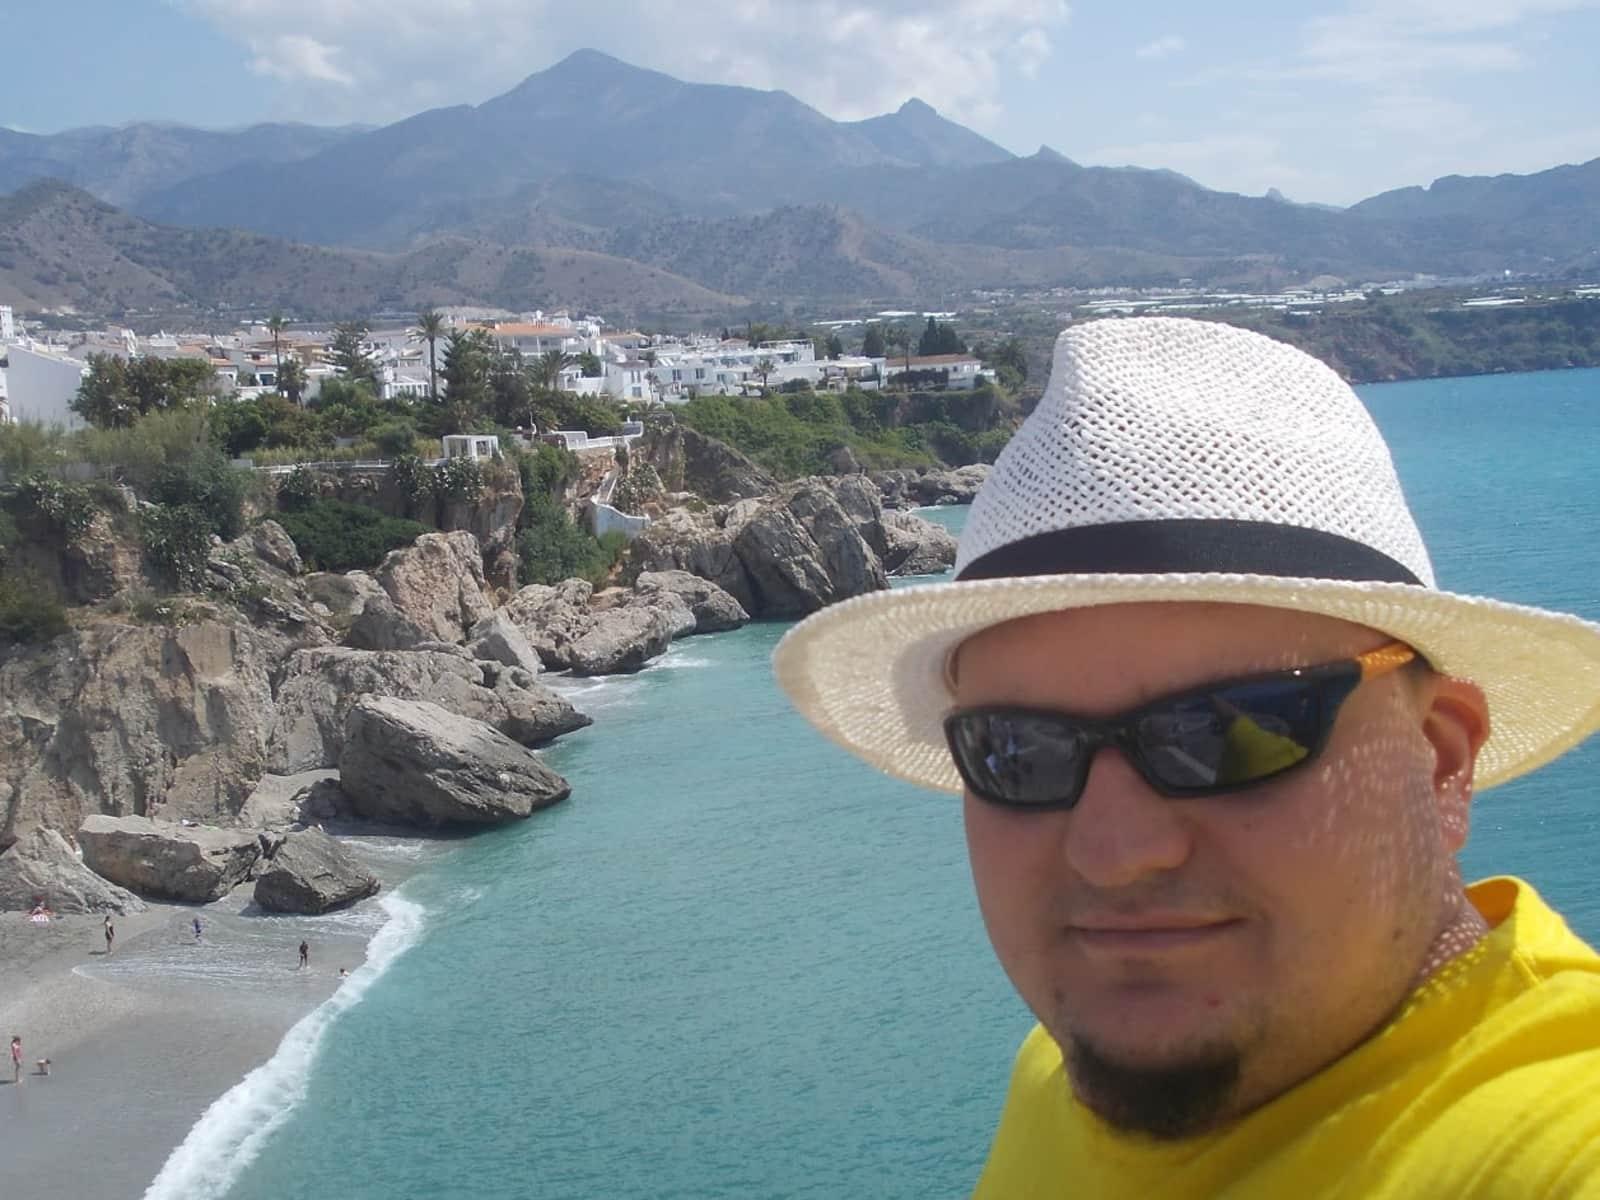 Michael from La Línea de la Concepción, Spain